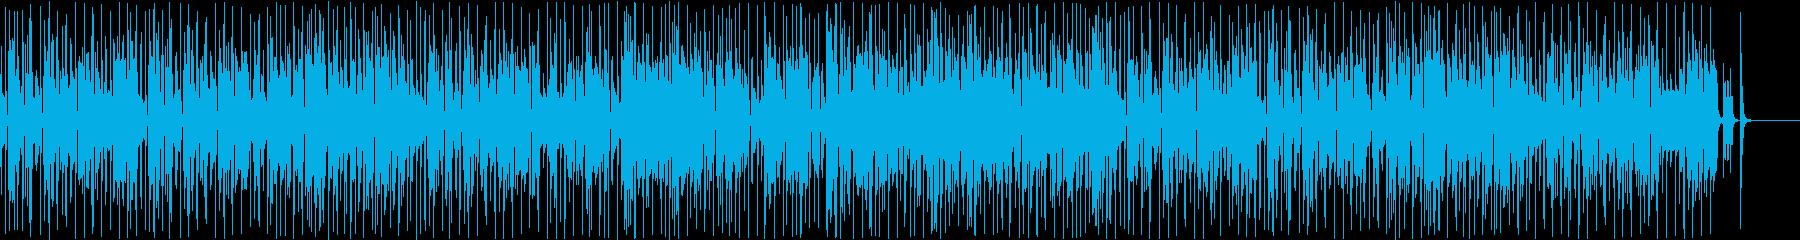 陽気で気取らないジプシージャズの再生済みの波形